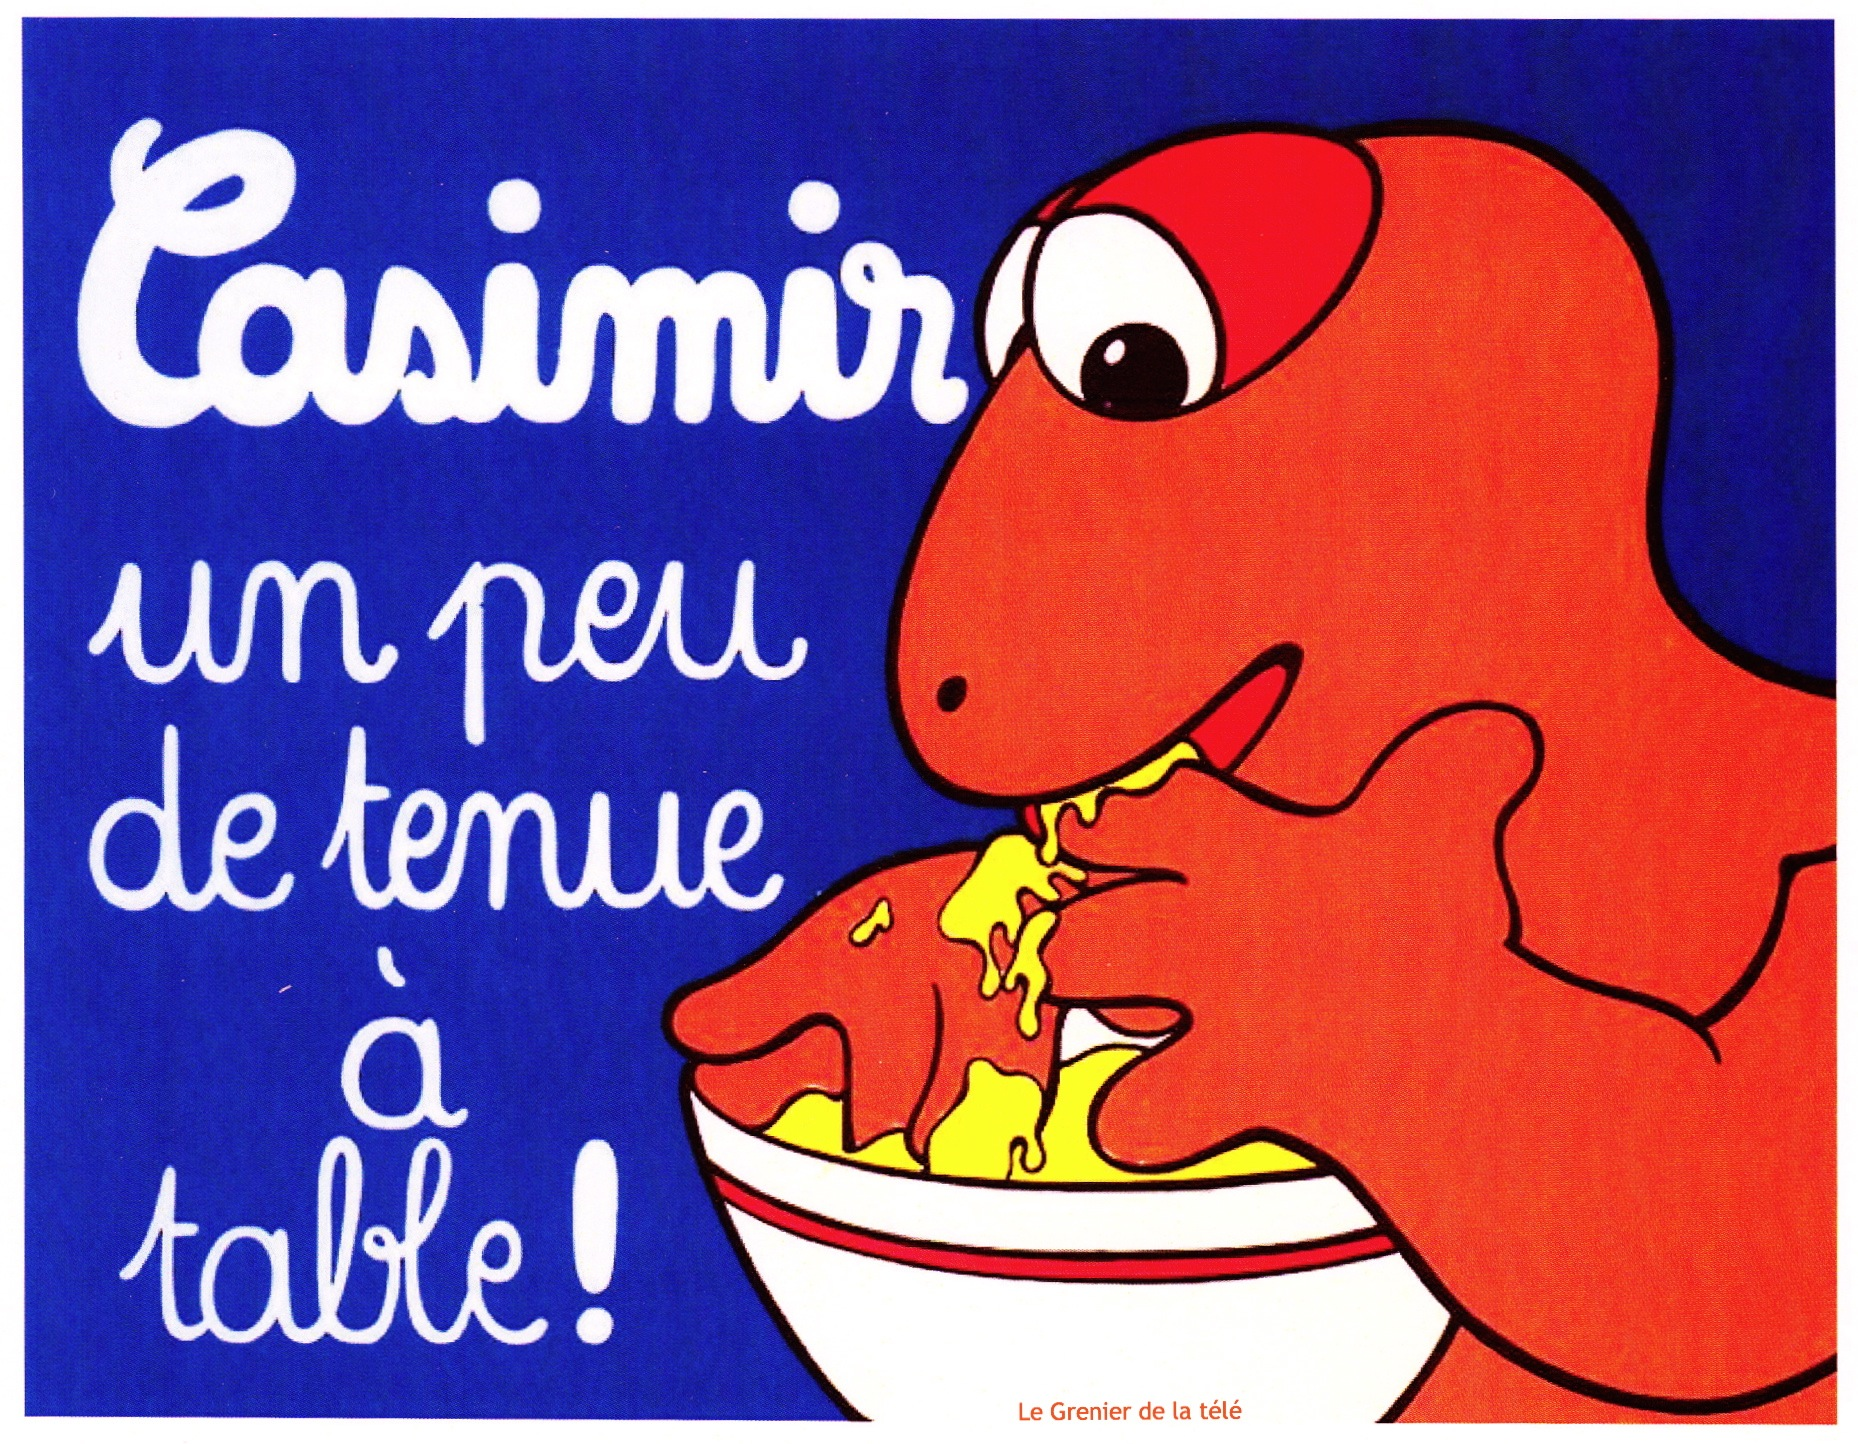 http://grenierdelatv.free.fr/2/casimircarte02.jpg